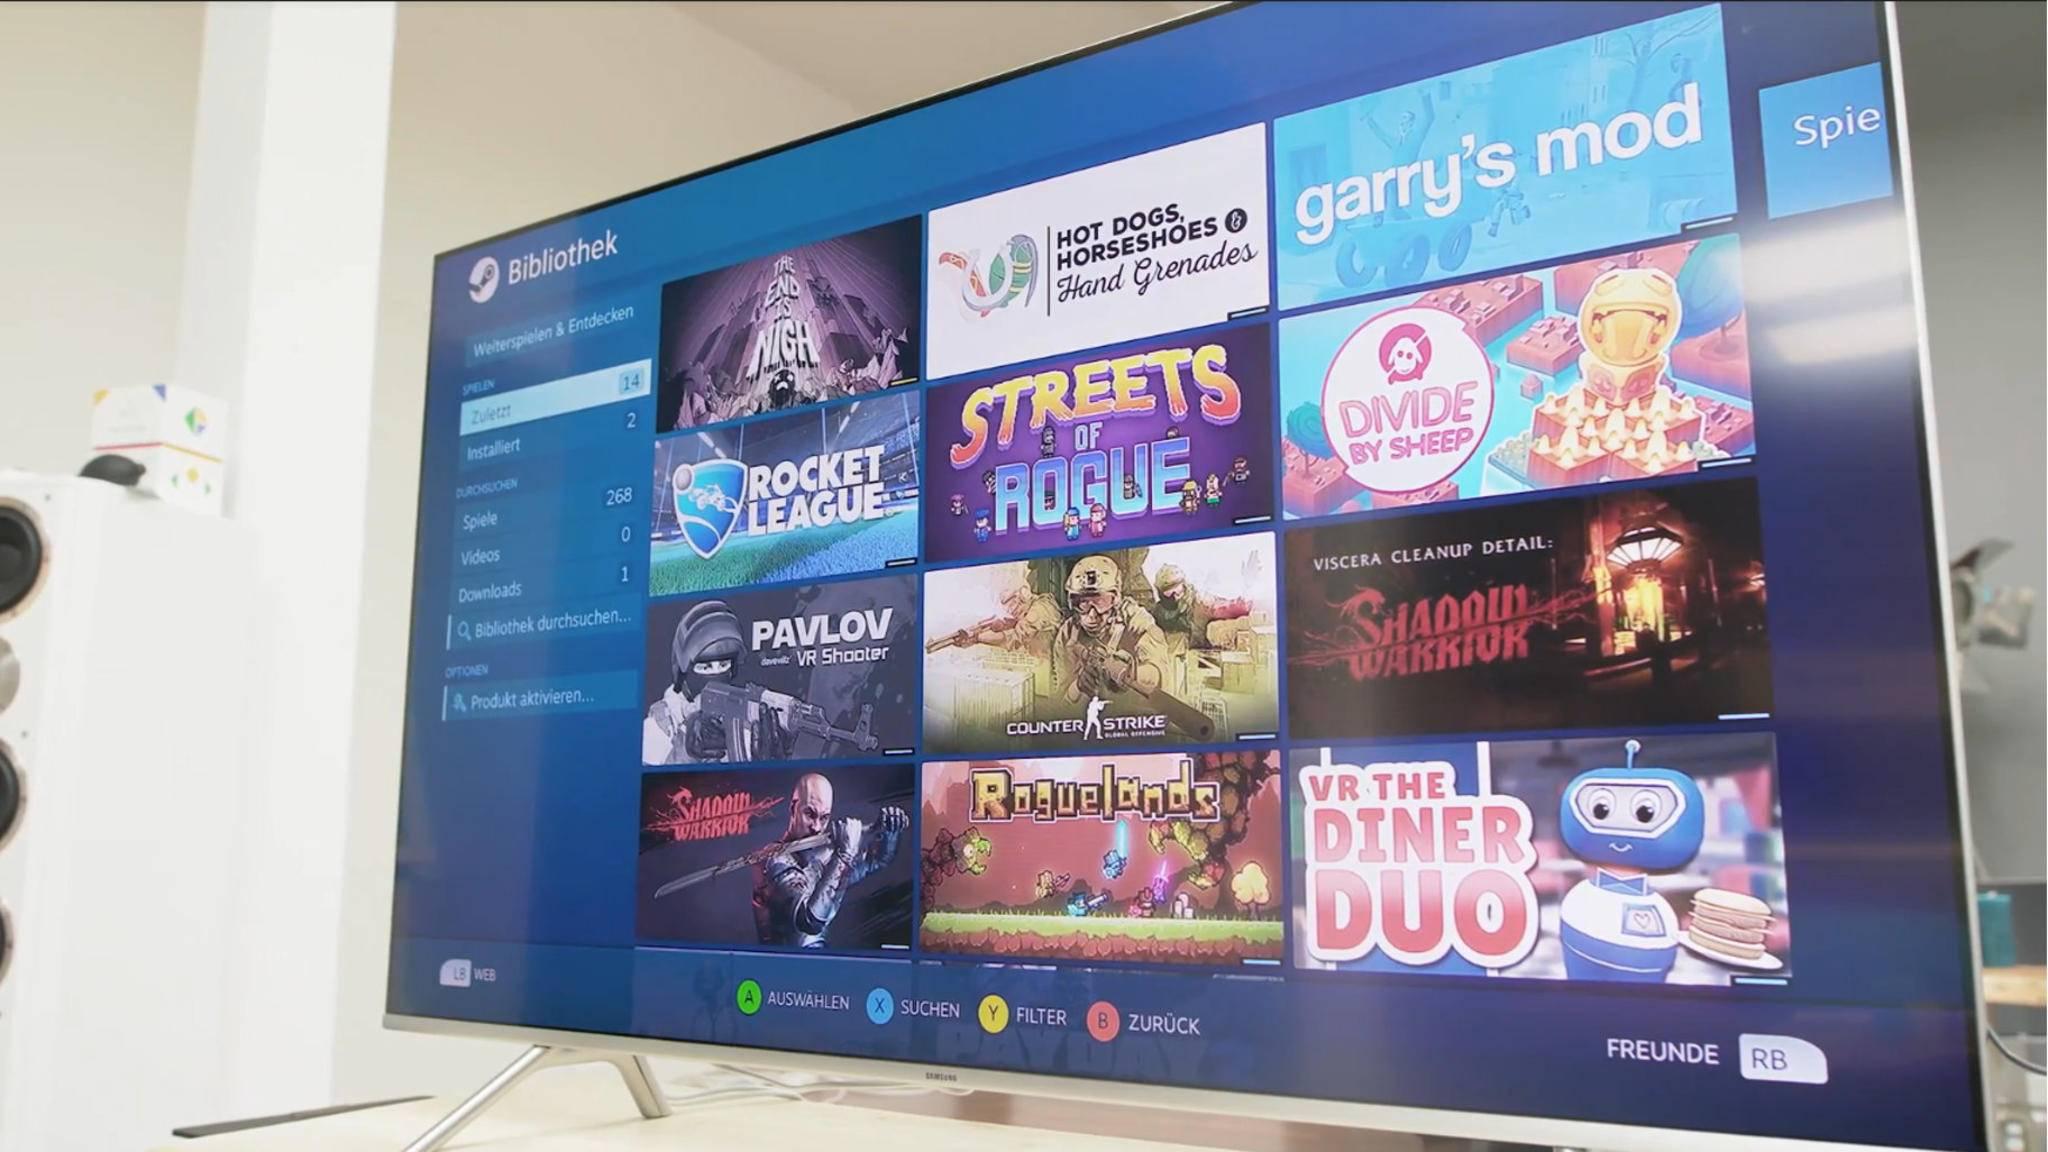 Nach der Verbindung mit dem PC kann man im Handumdrehen Steam-Games auf dem Fernseher spielen.